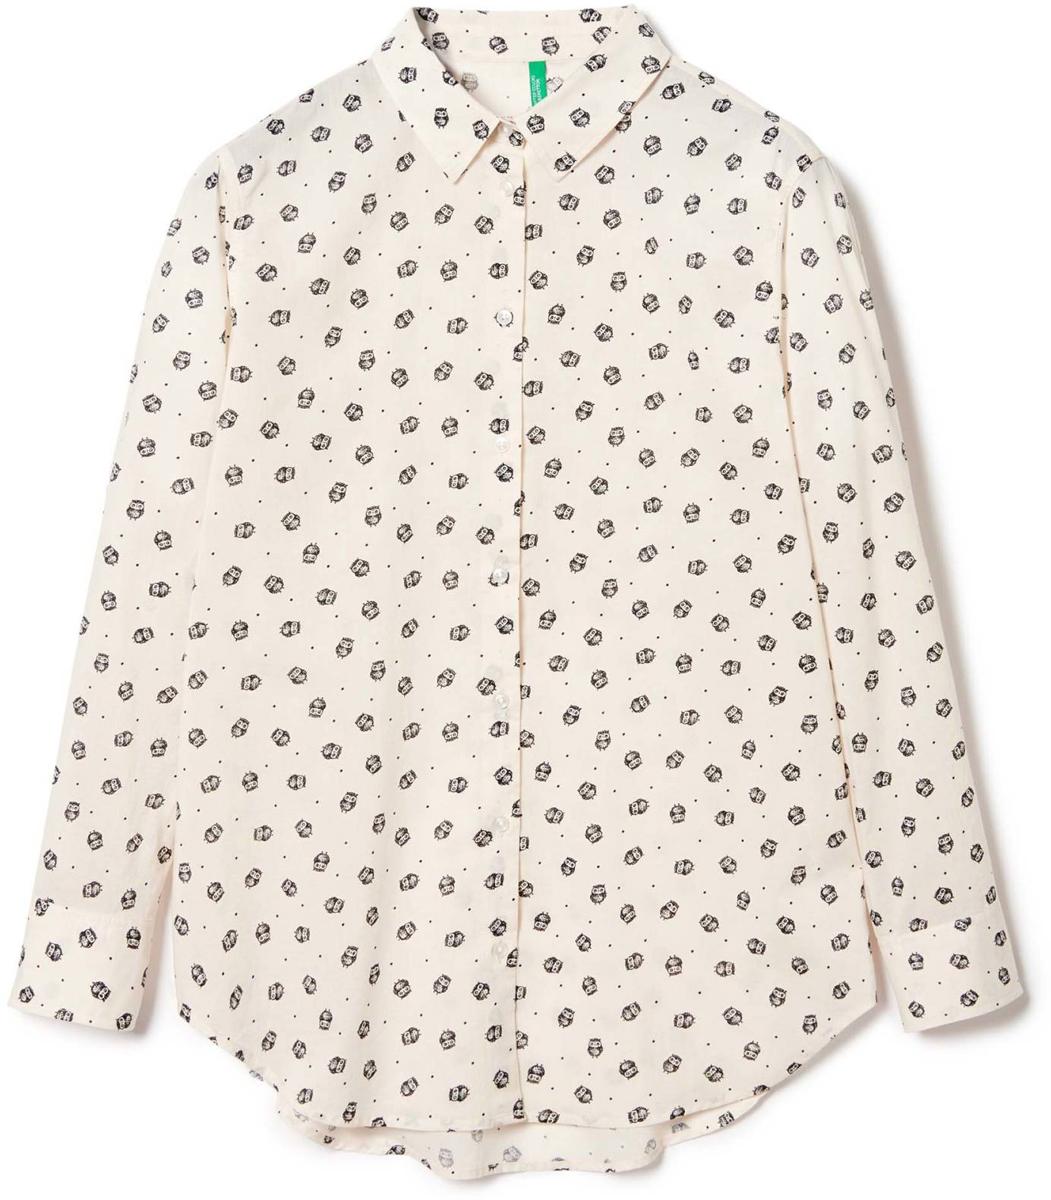 Рубашка жен United Colors of Benetton, цвет: белый, совы. 5DFX5Q715_911. Размер S (42/44) книги азбука сладкая жизнь